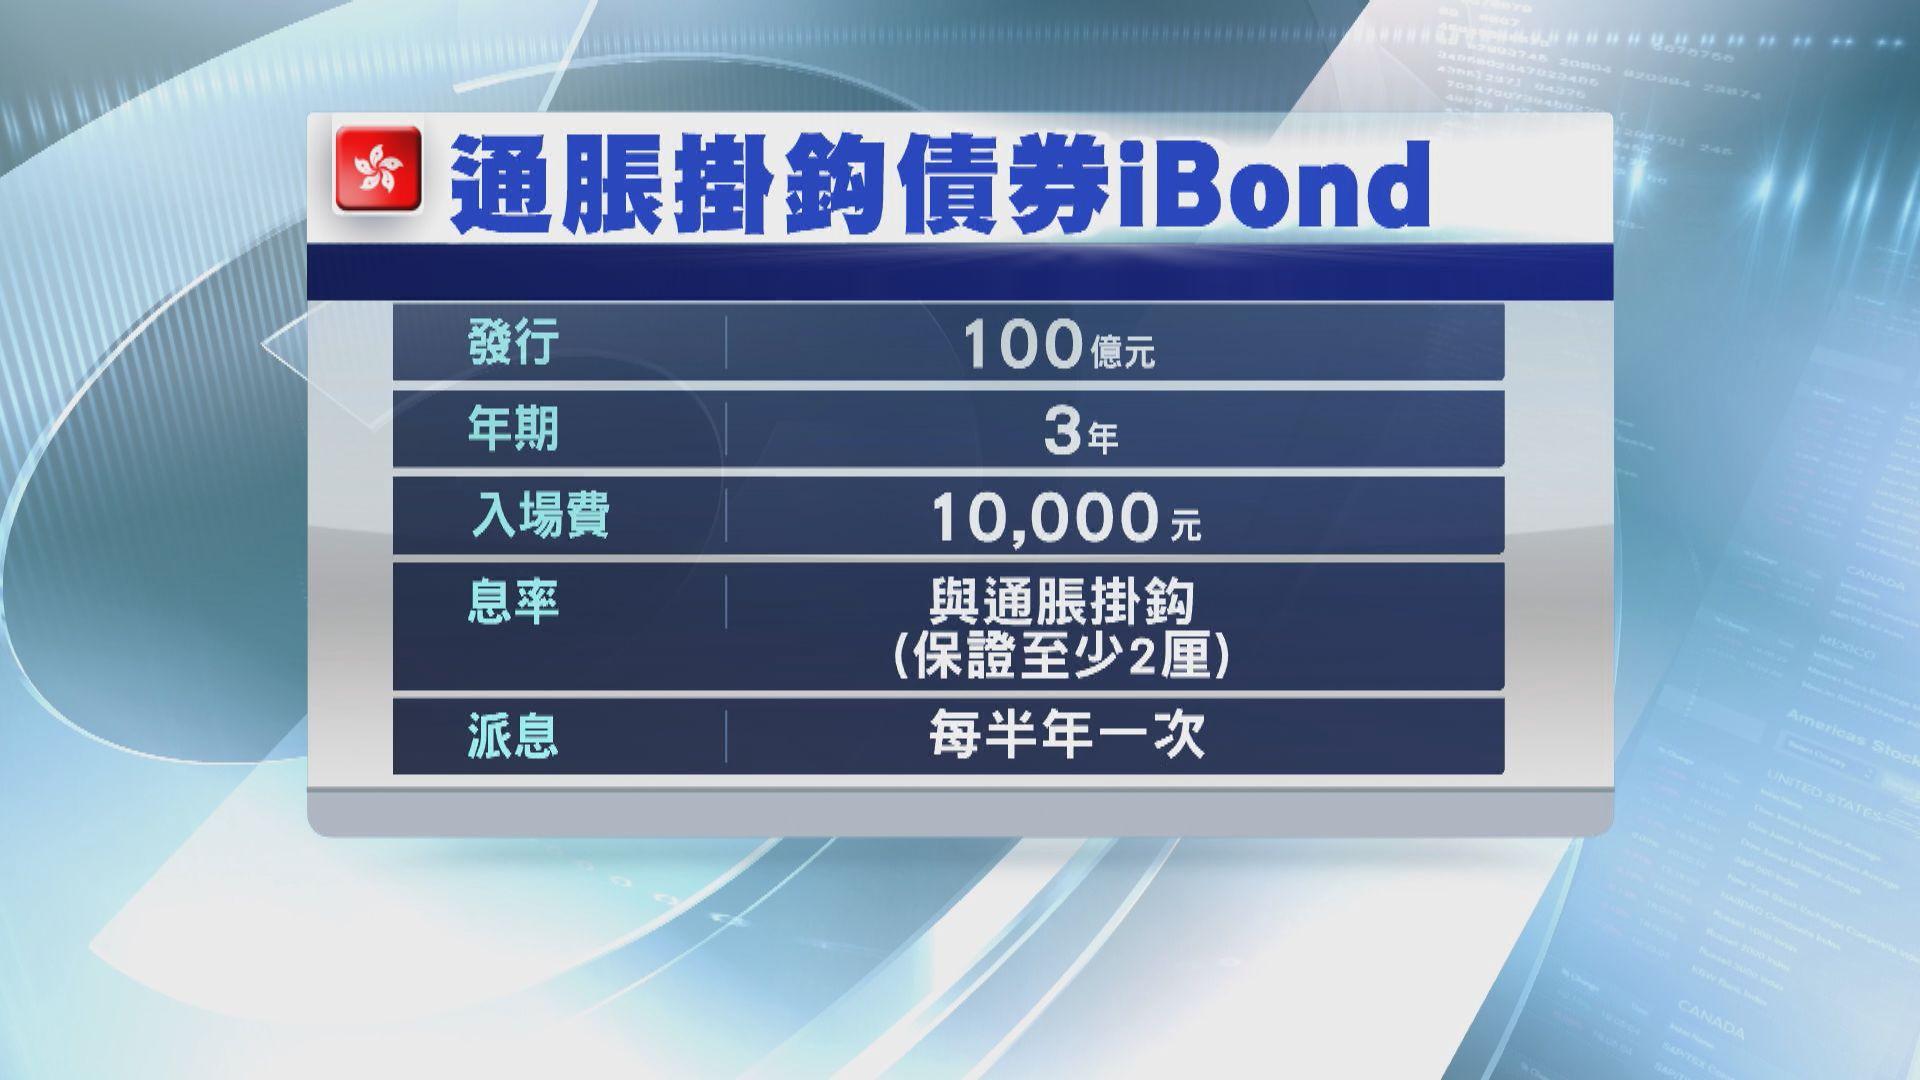 新一批通脹掛鈎債券iBond有兩厘利率保證